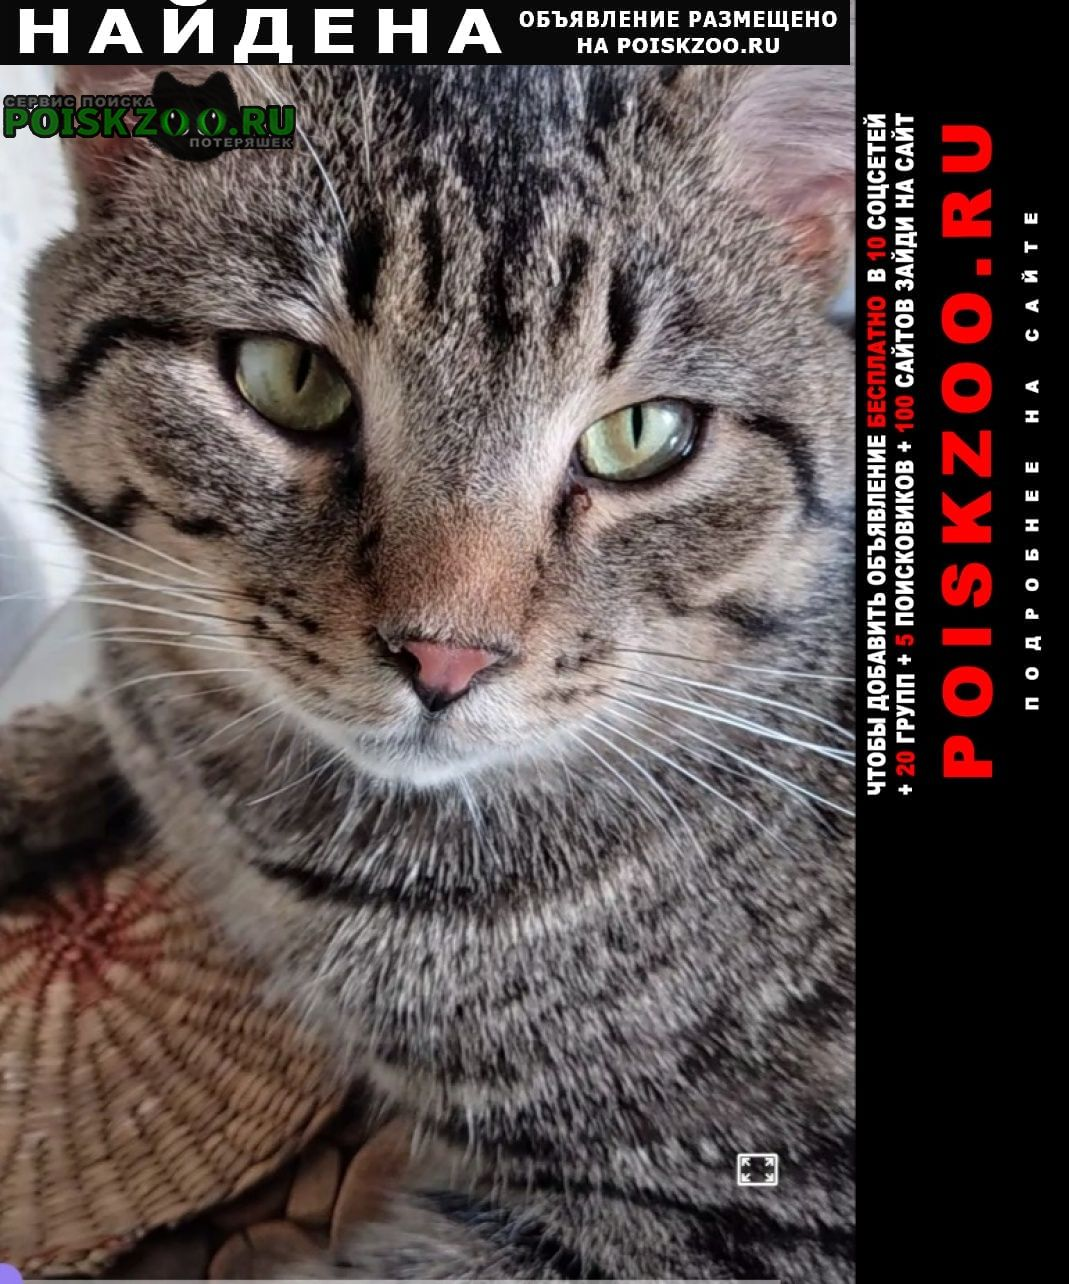 Найден кот 2 марта утром Мытищи